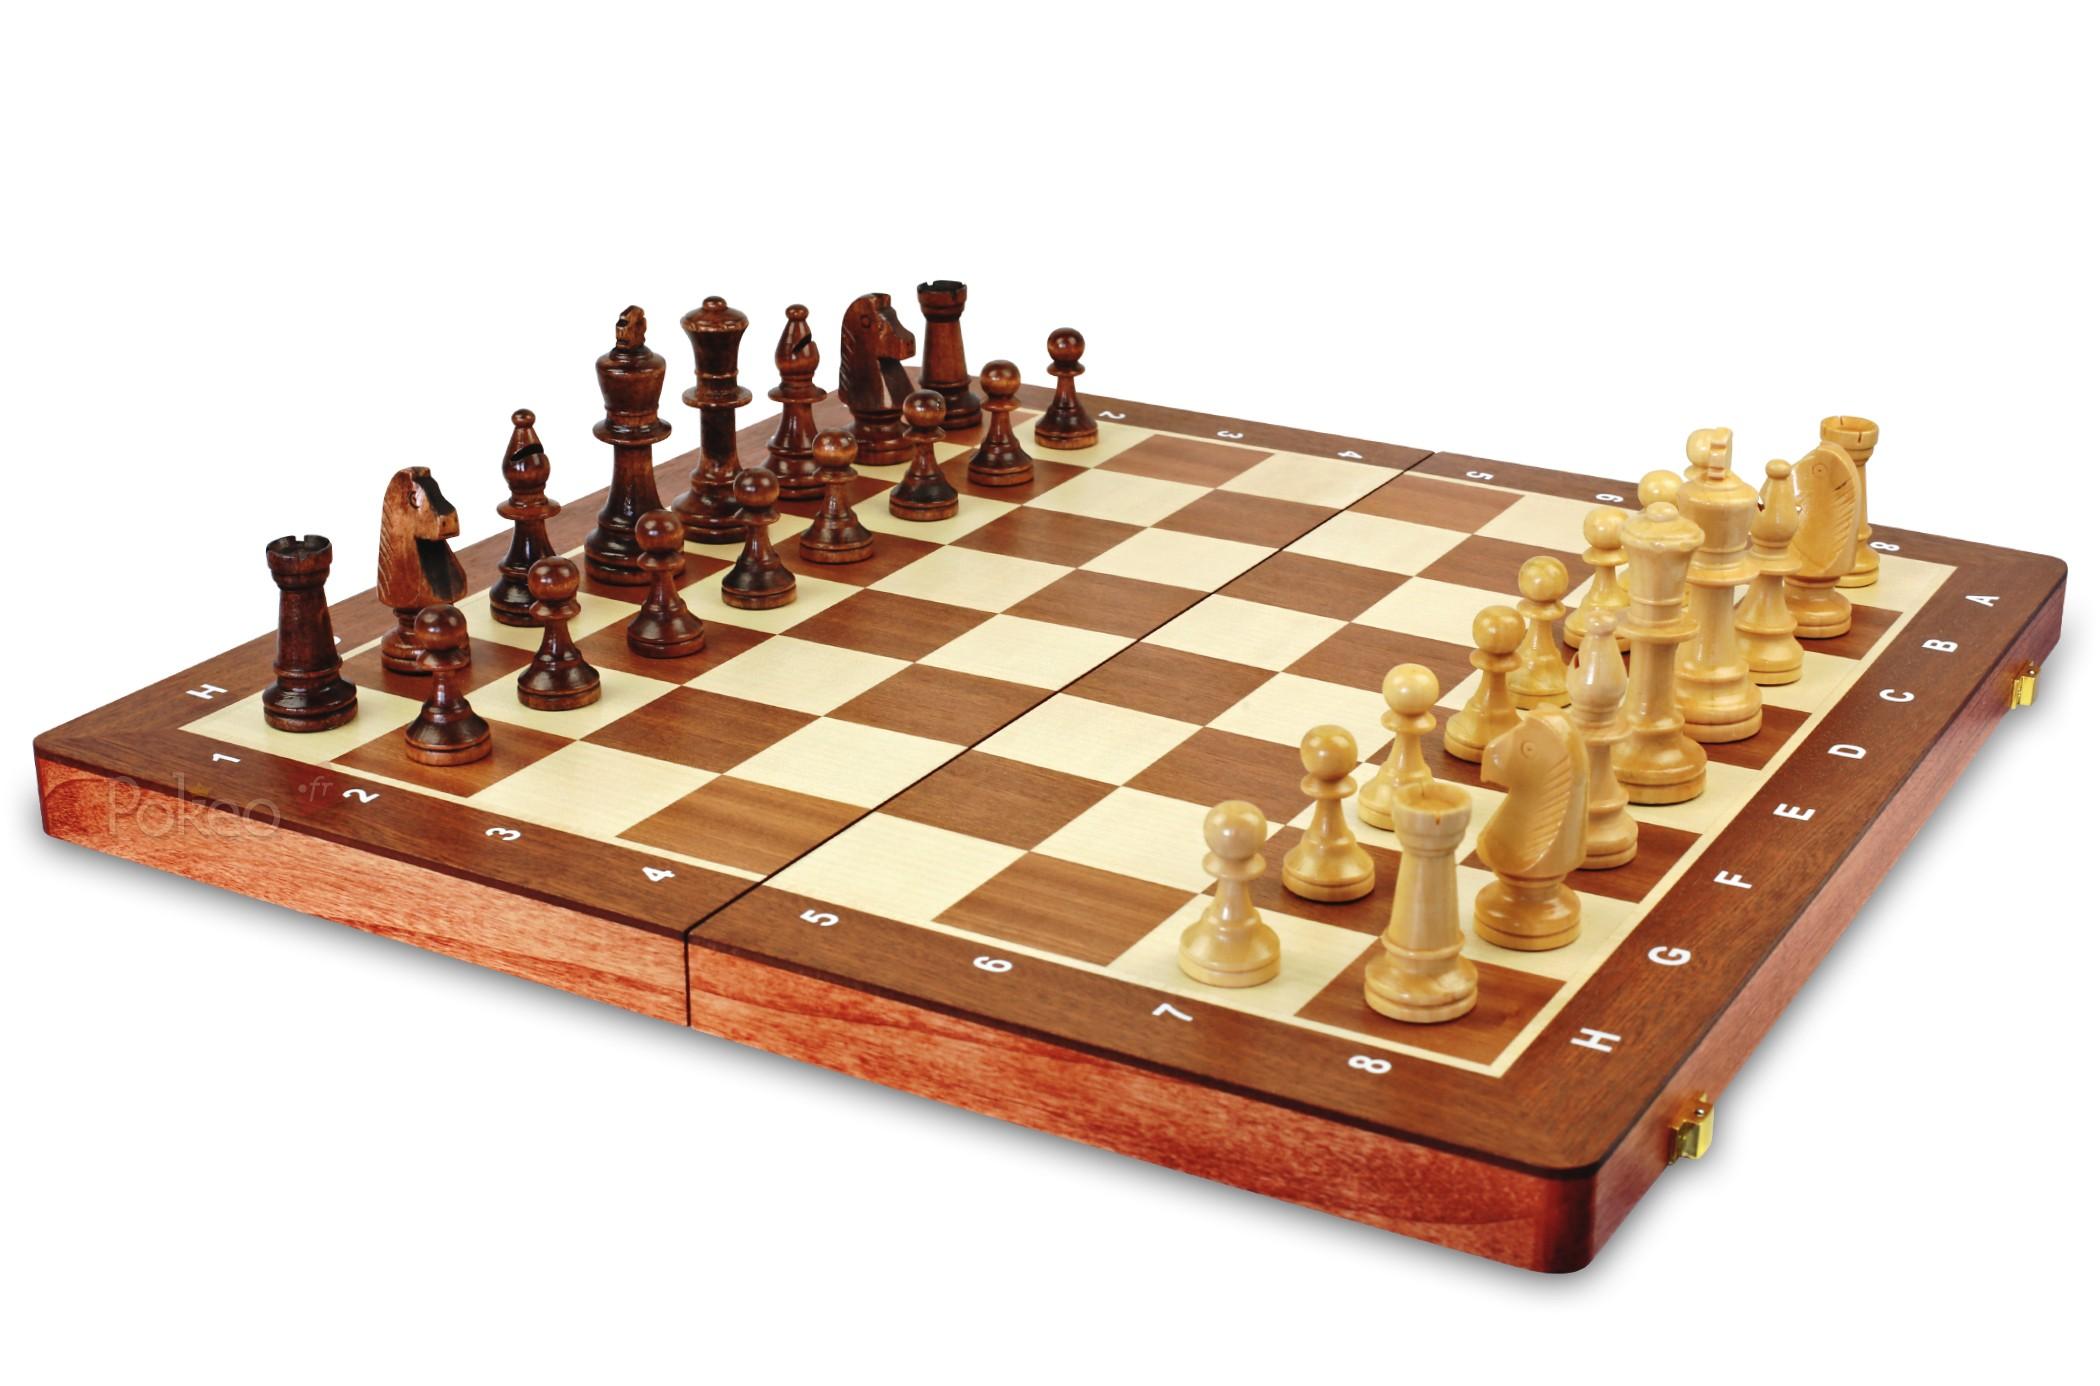 jeu d échec en bois